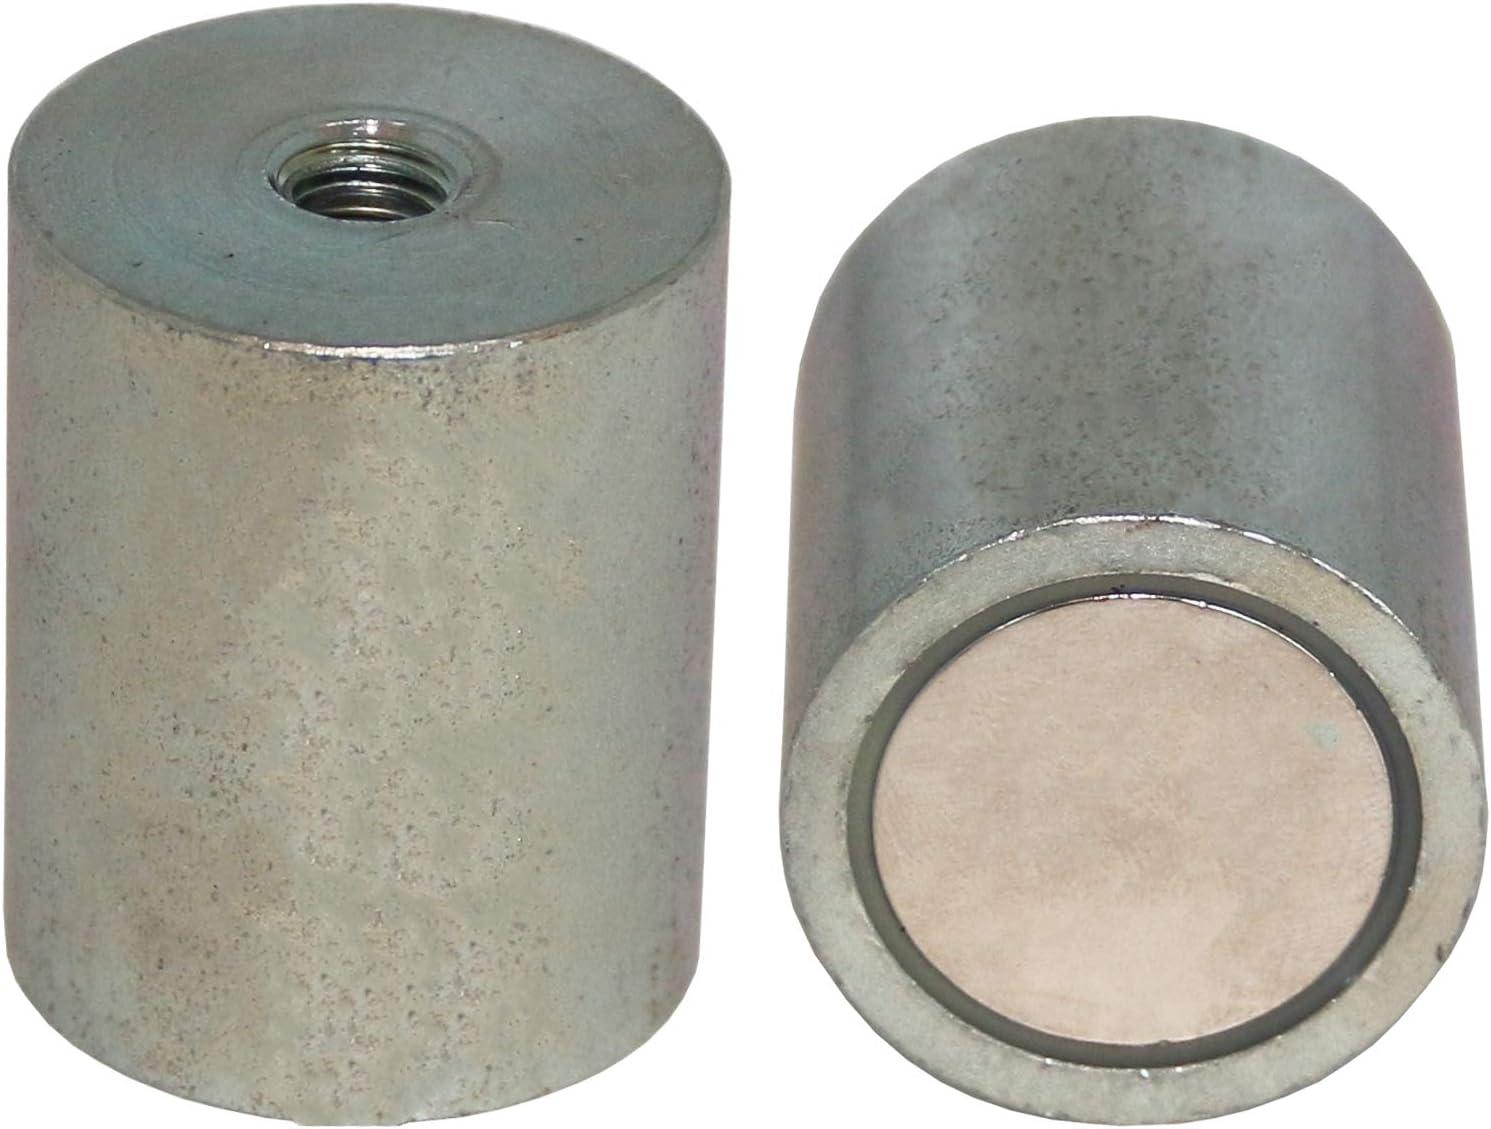 2 x Neodym Magnet Topfmagnet Gummiert Rund D 22 mm Innengewinde M4 Gewindebuchse